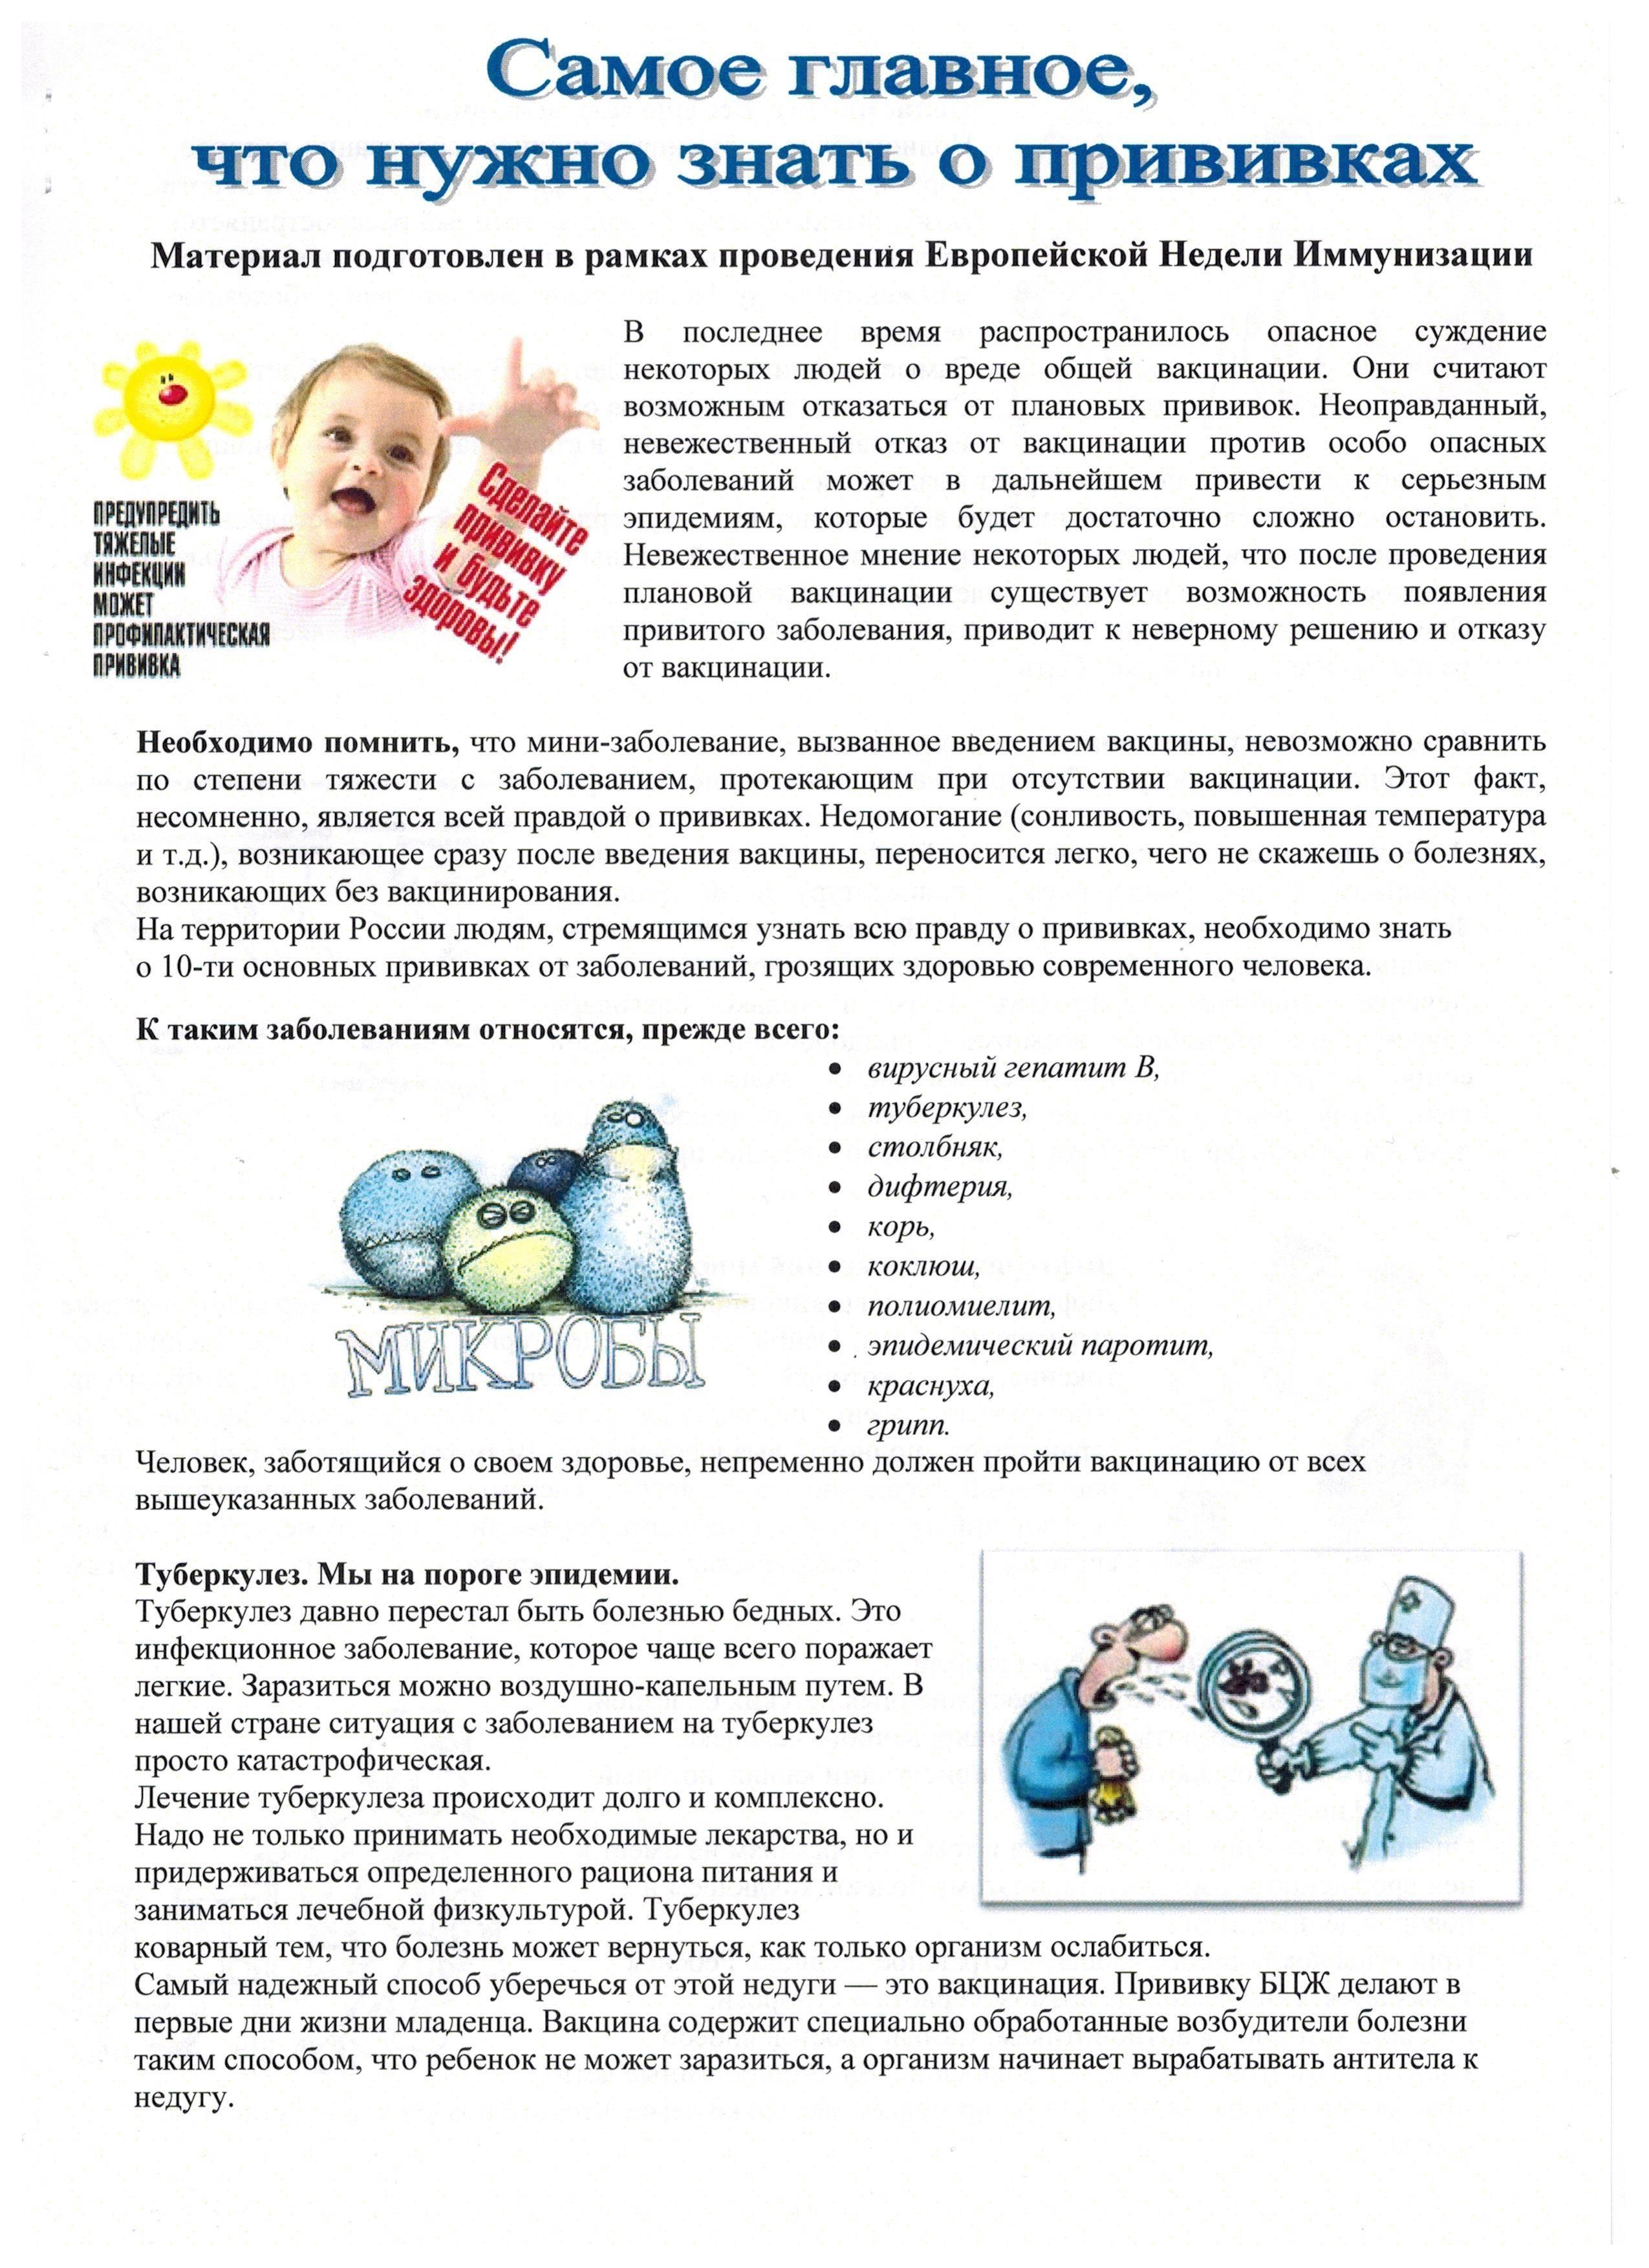 Вакцинация в европе - какие прививки делают в ес?